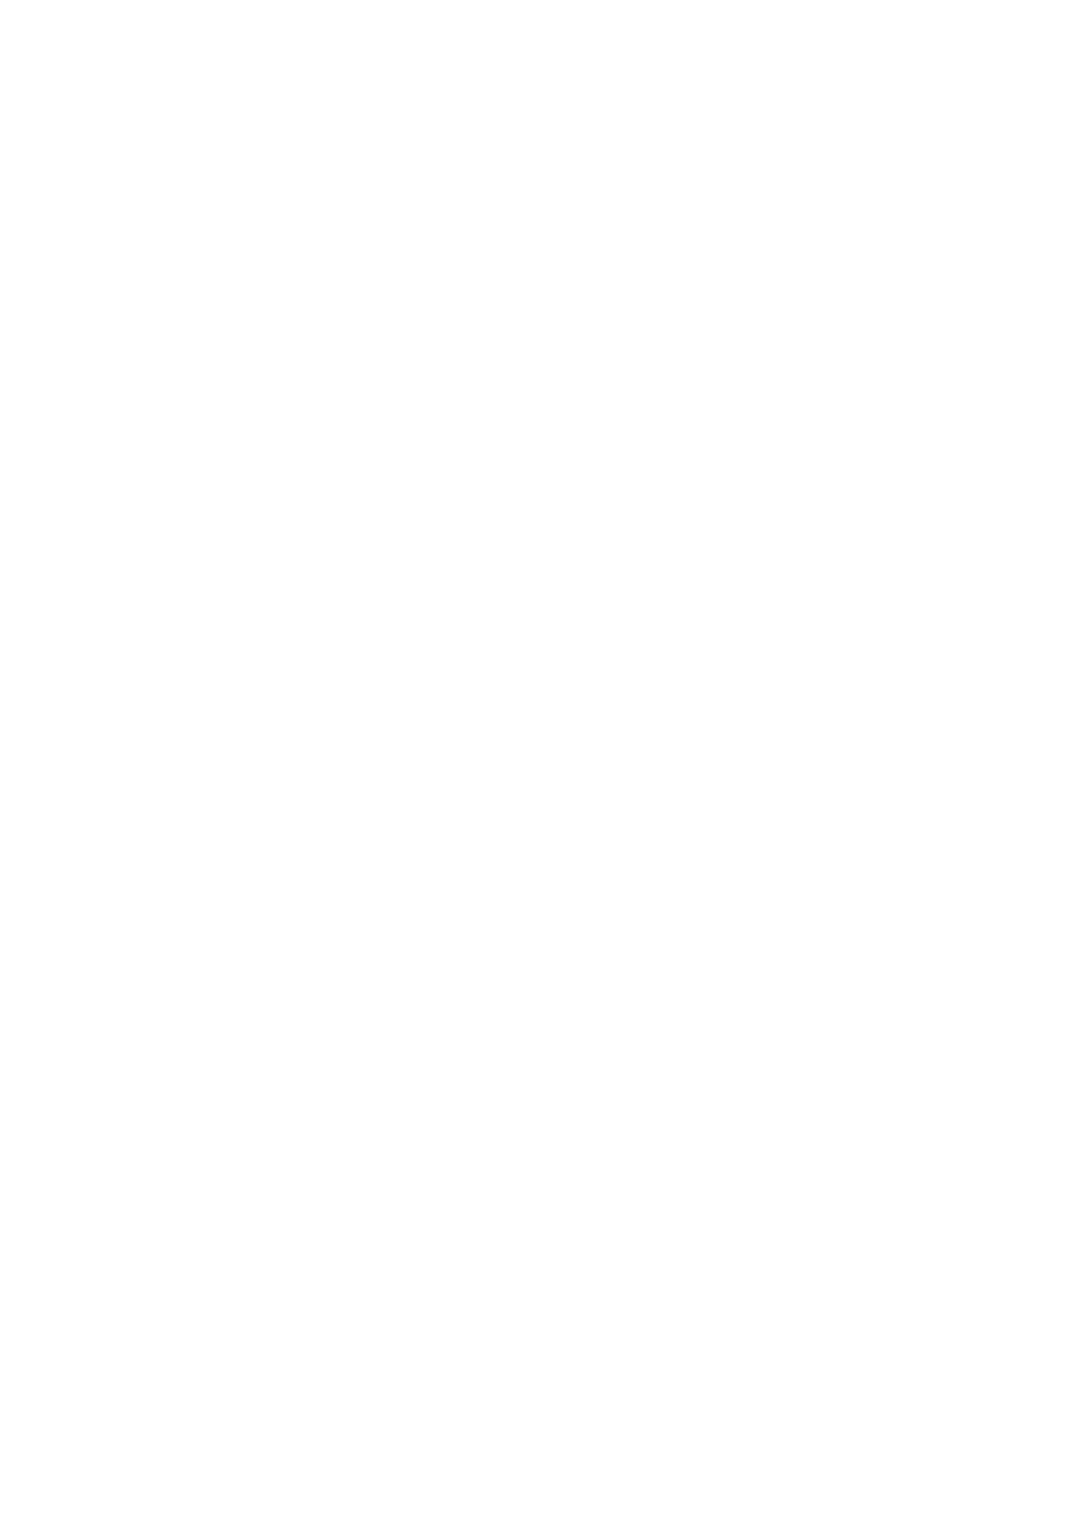 【サキュバスエロ漫画】少年を手玉に取ろうと逆レイプする巨乳サキュバス。しかし行為に慣れていない彼女は騎乗位で男をリードするつもりだったが逆に自分自身が気持ちよくなってしまってヨガりまくる!【シンセカイセット】